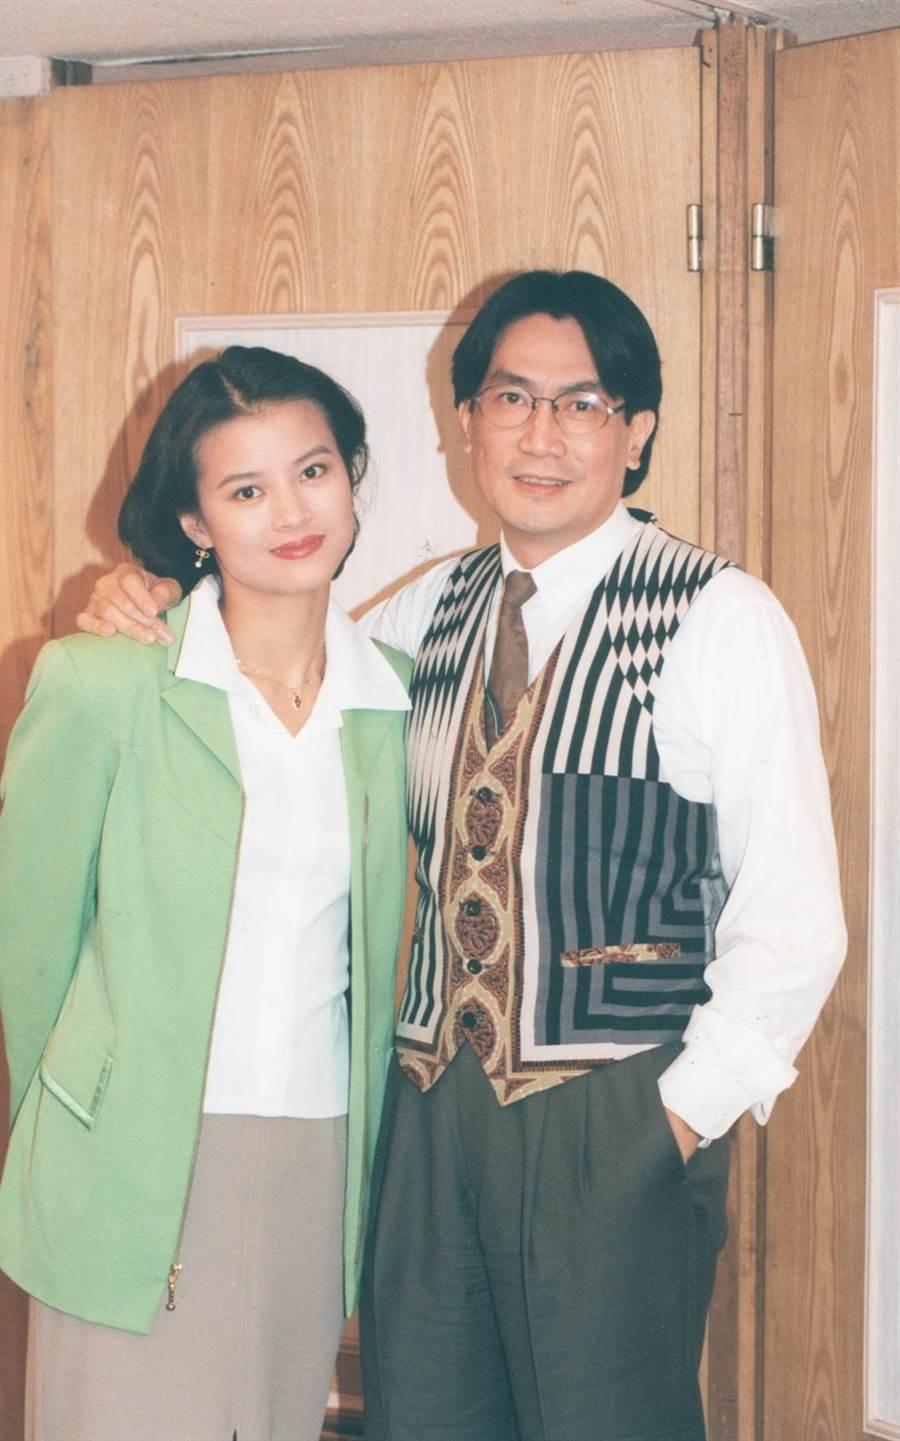 黎燕珊當年不顧家人反對嫁給劉永,12年婚姻最終破局。(中時資料照)